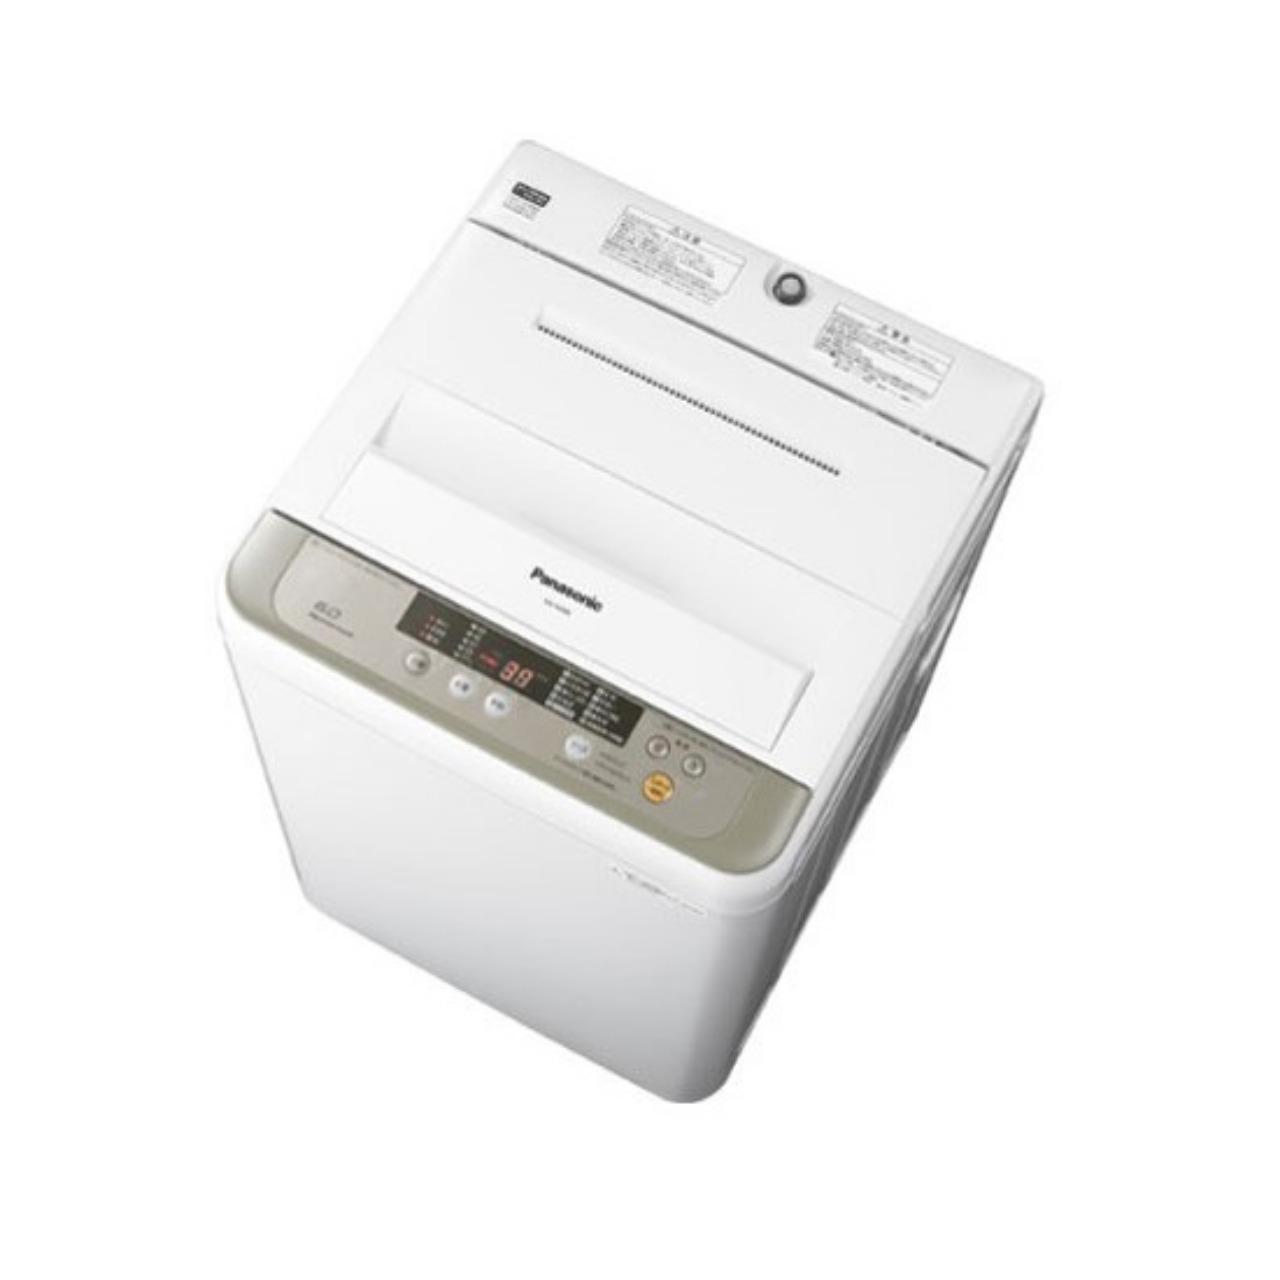 パナソニックNA-F60B8全自動洗濯機